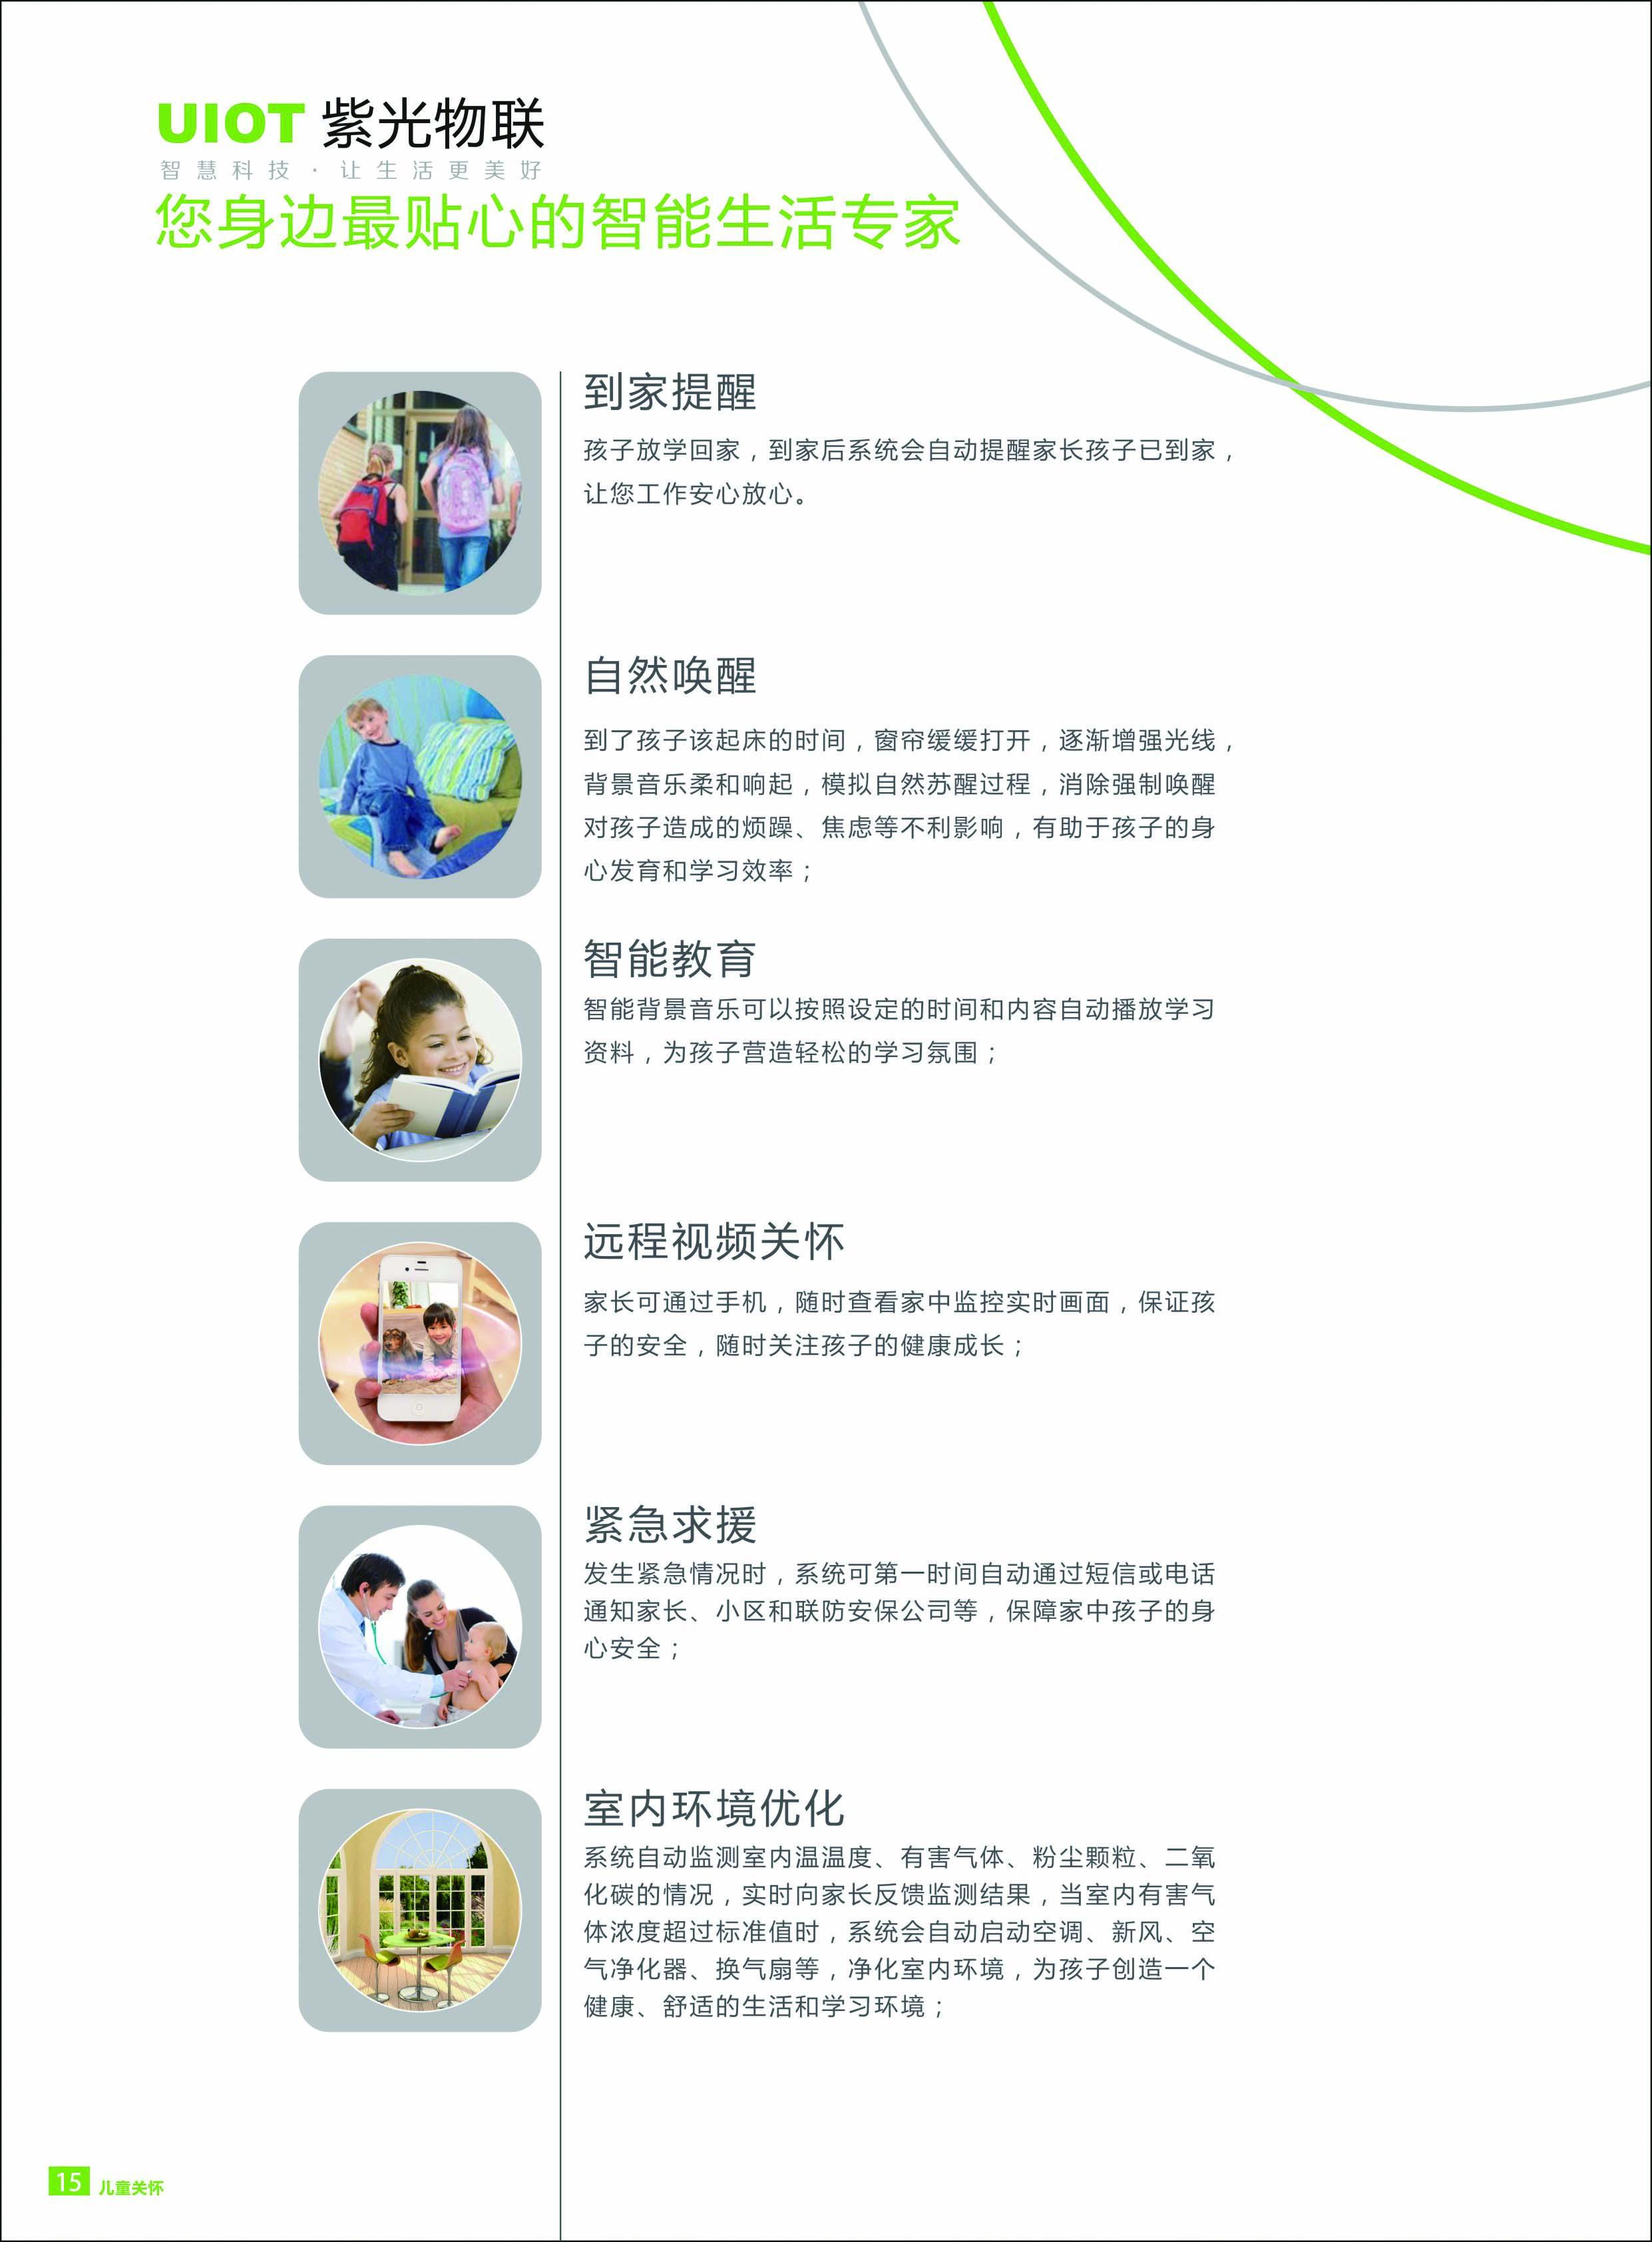 紫光物联功能手册-15.jpg